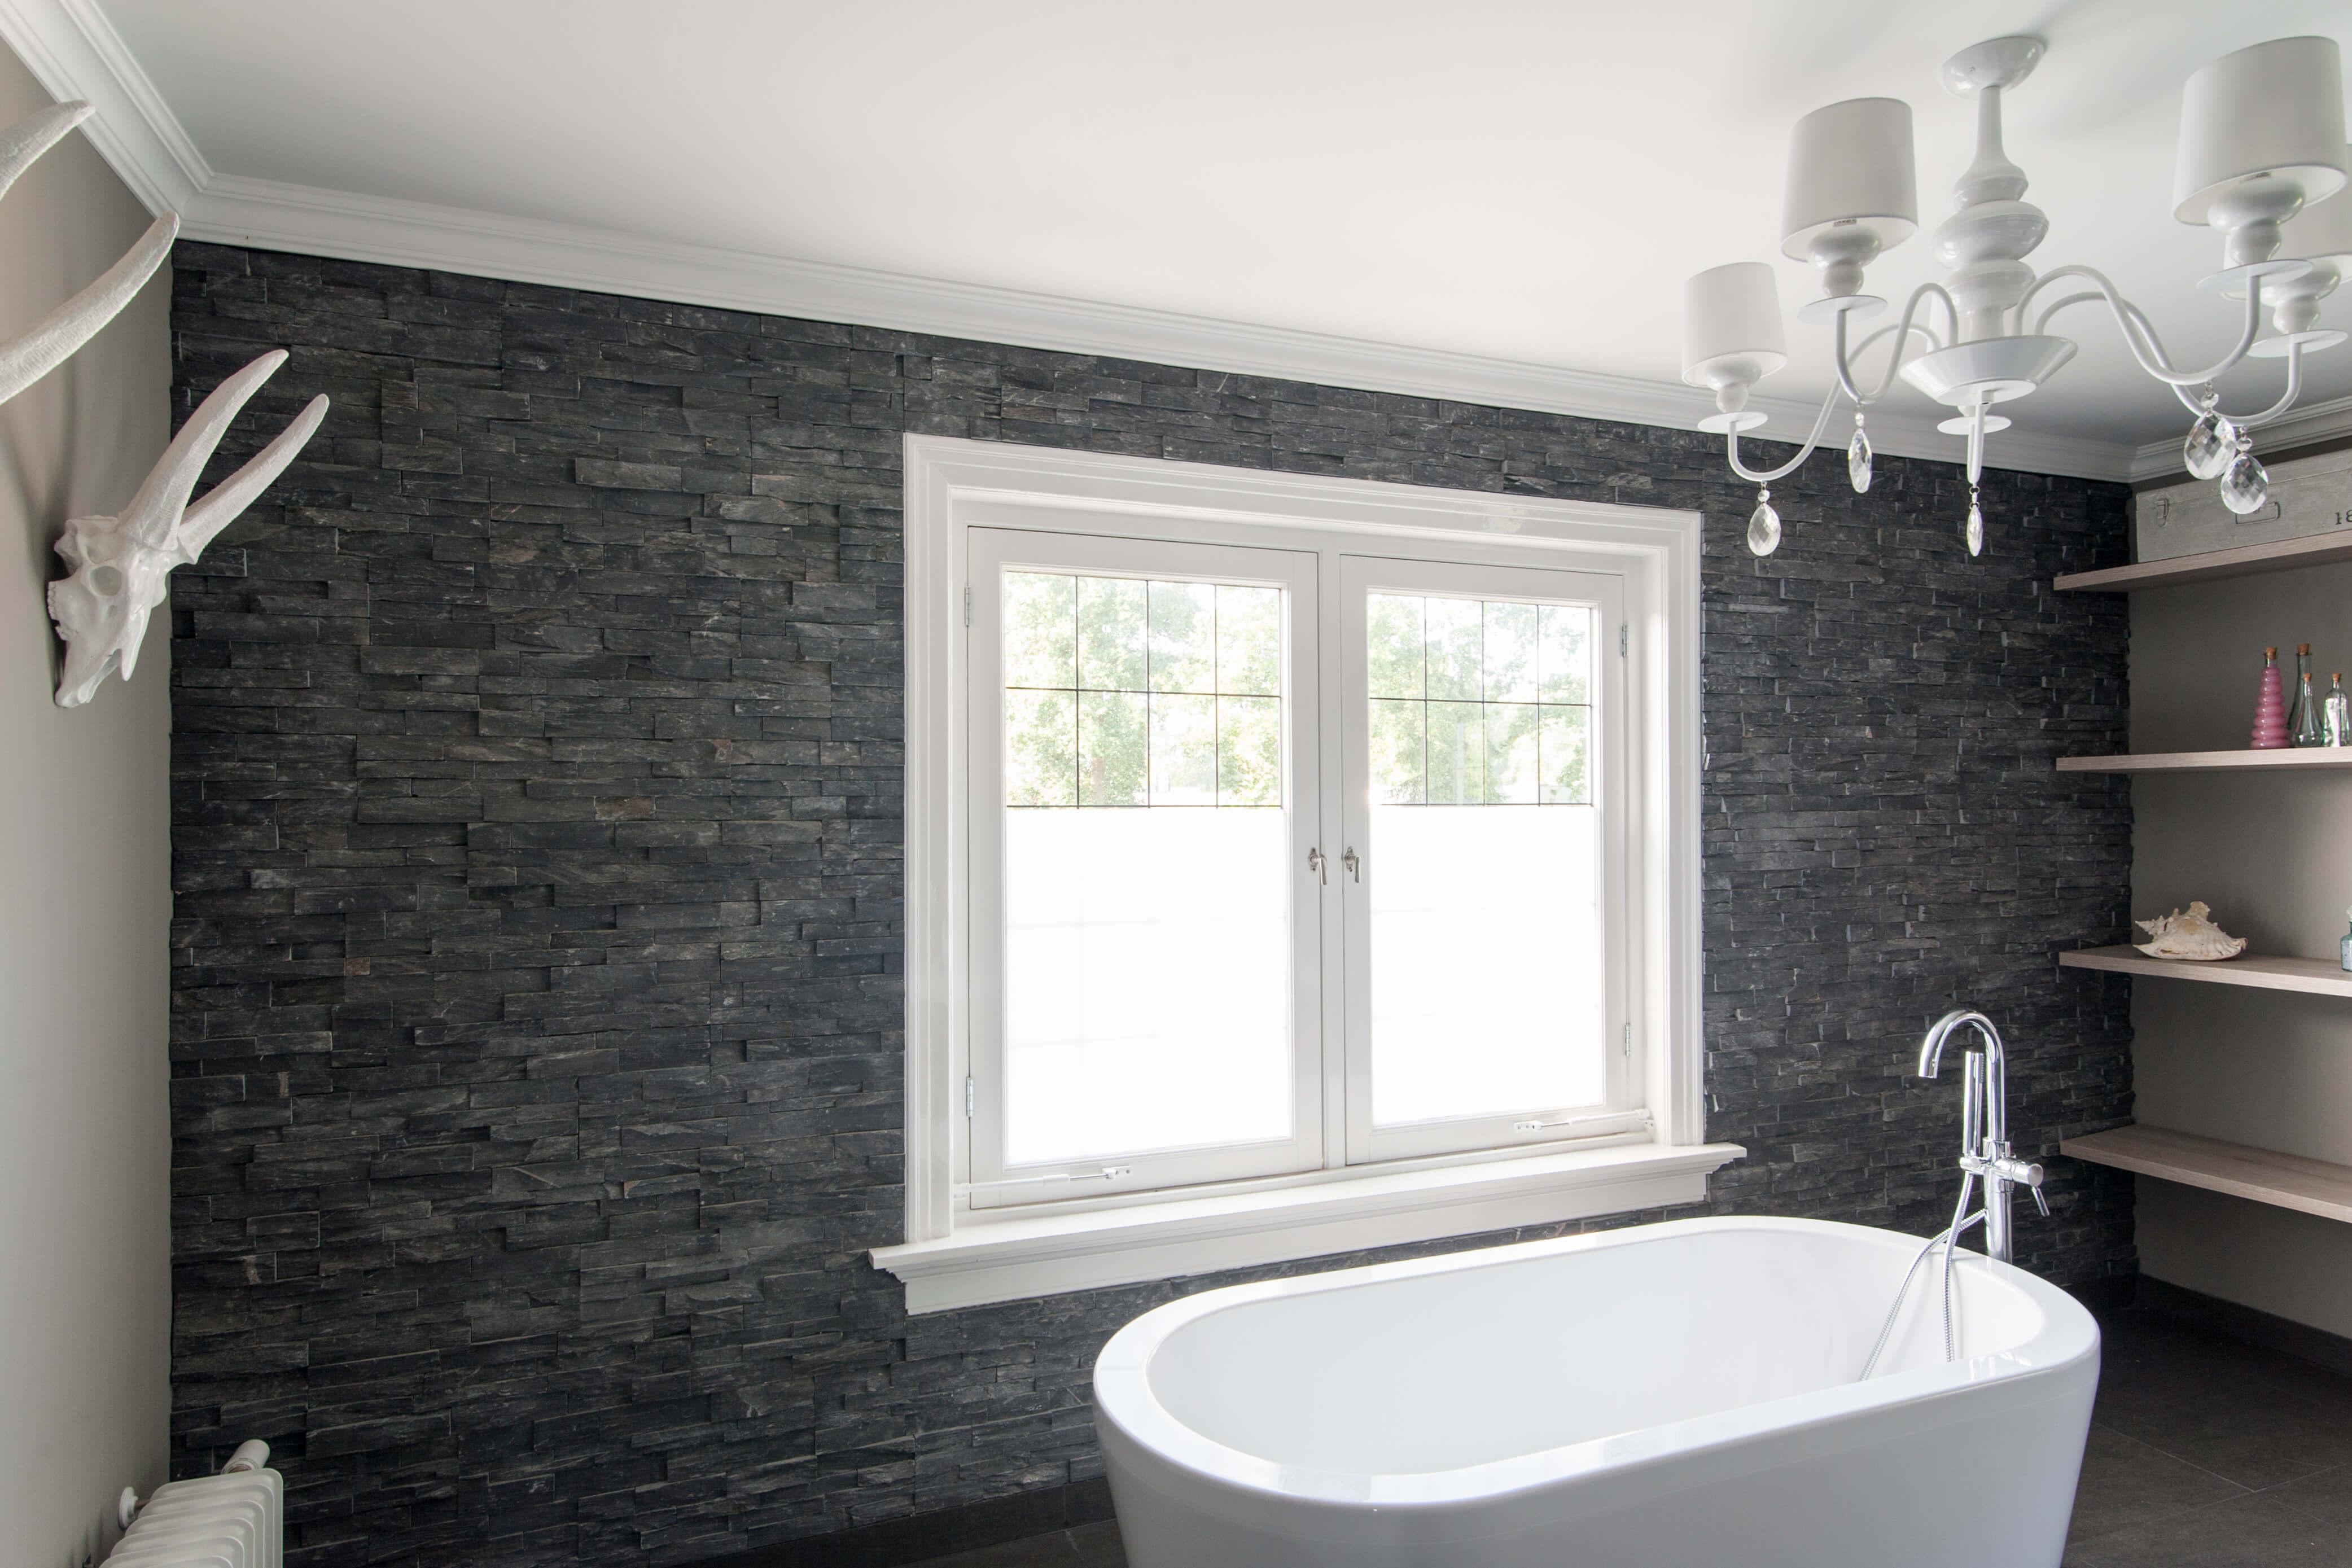 Badkamer Laten Plaatsen : Wat kost een bad laten plaatsen